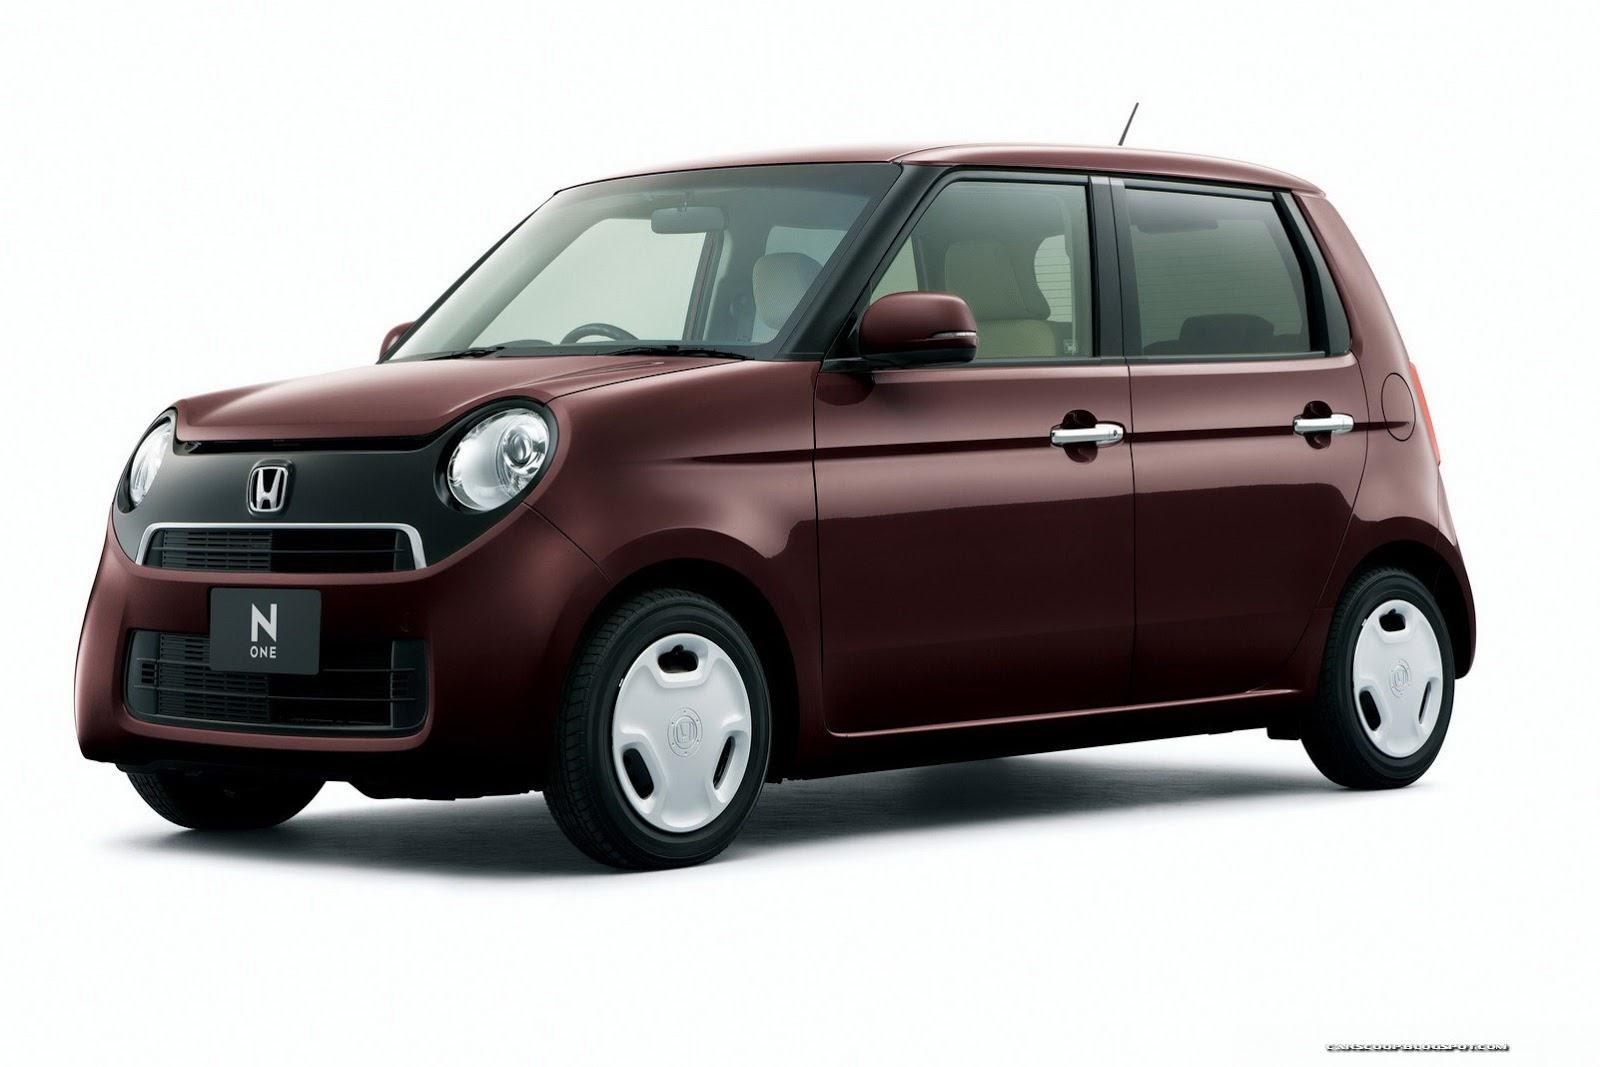 Honda เปิดตัวรถ N-ONE ตีตลาด Fiat 500 คุกคามทั่วโลก | รถ ...